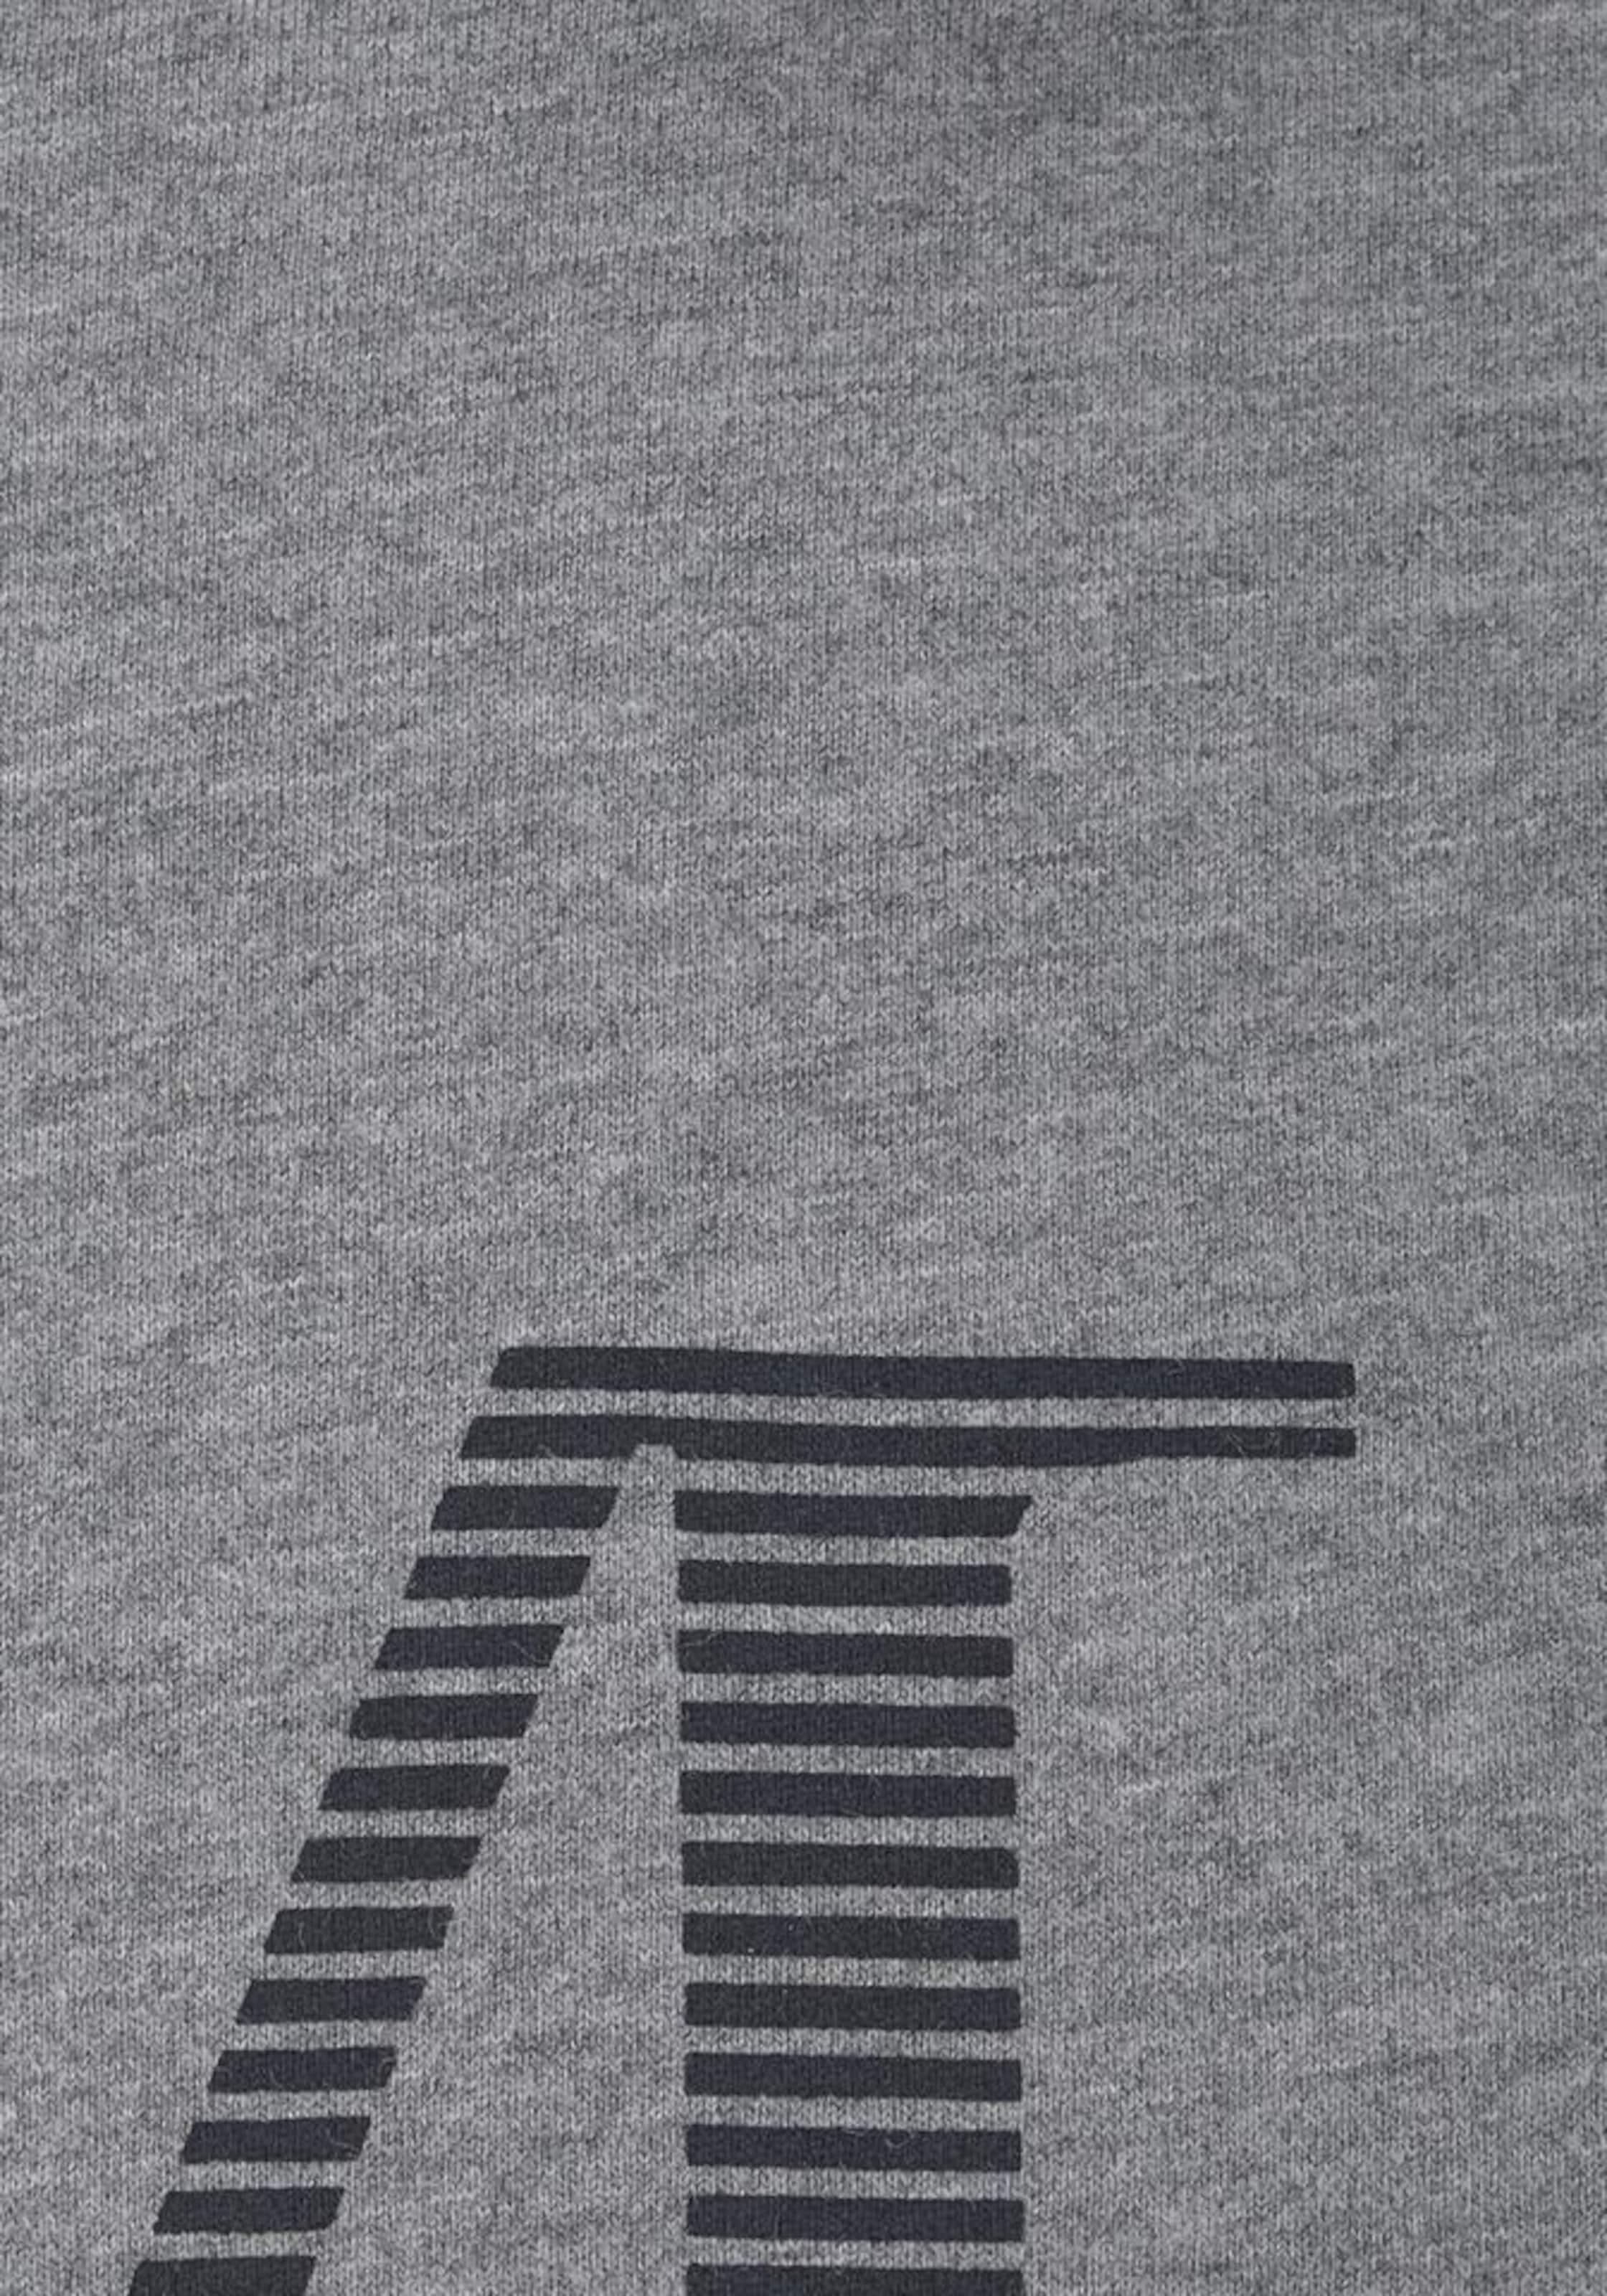 Marc O'Polo T-Shirt mit 'MOP' Print Mit Paypal Günstigem Preis Kosten Verkauf Online 4dDBSv